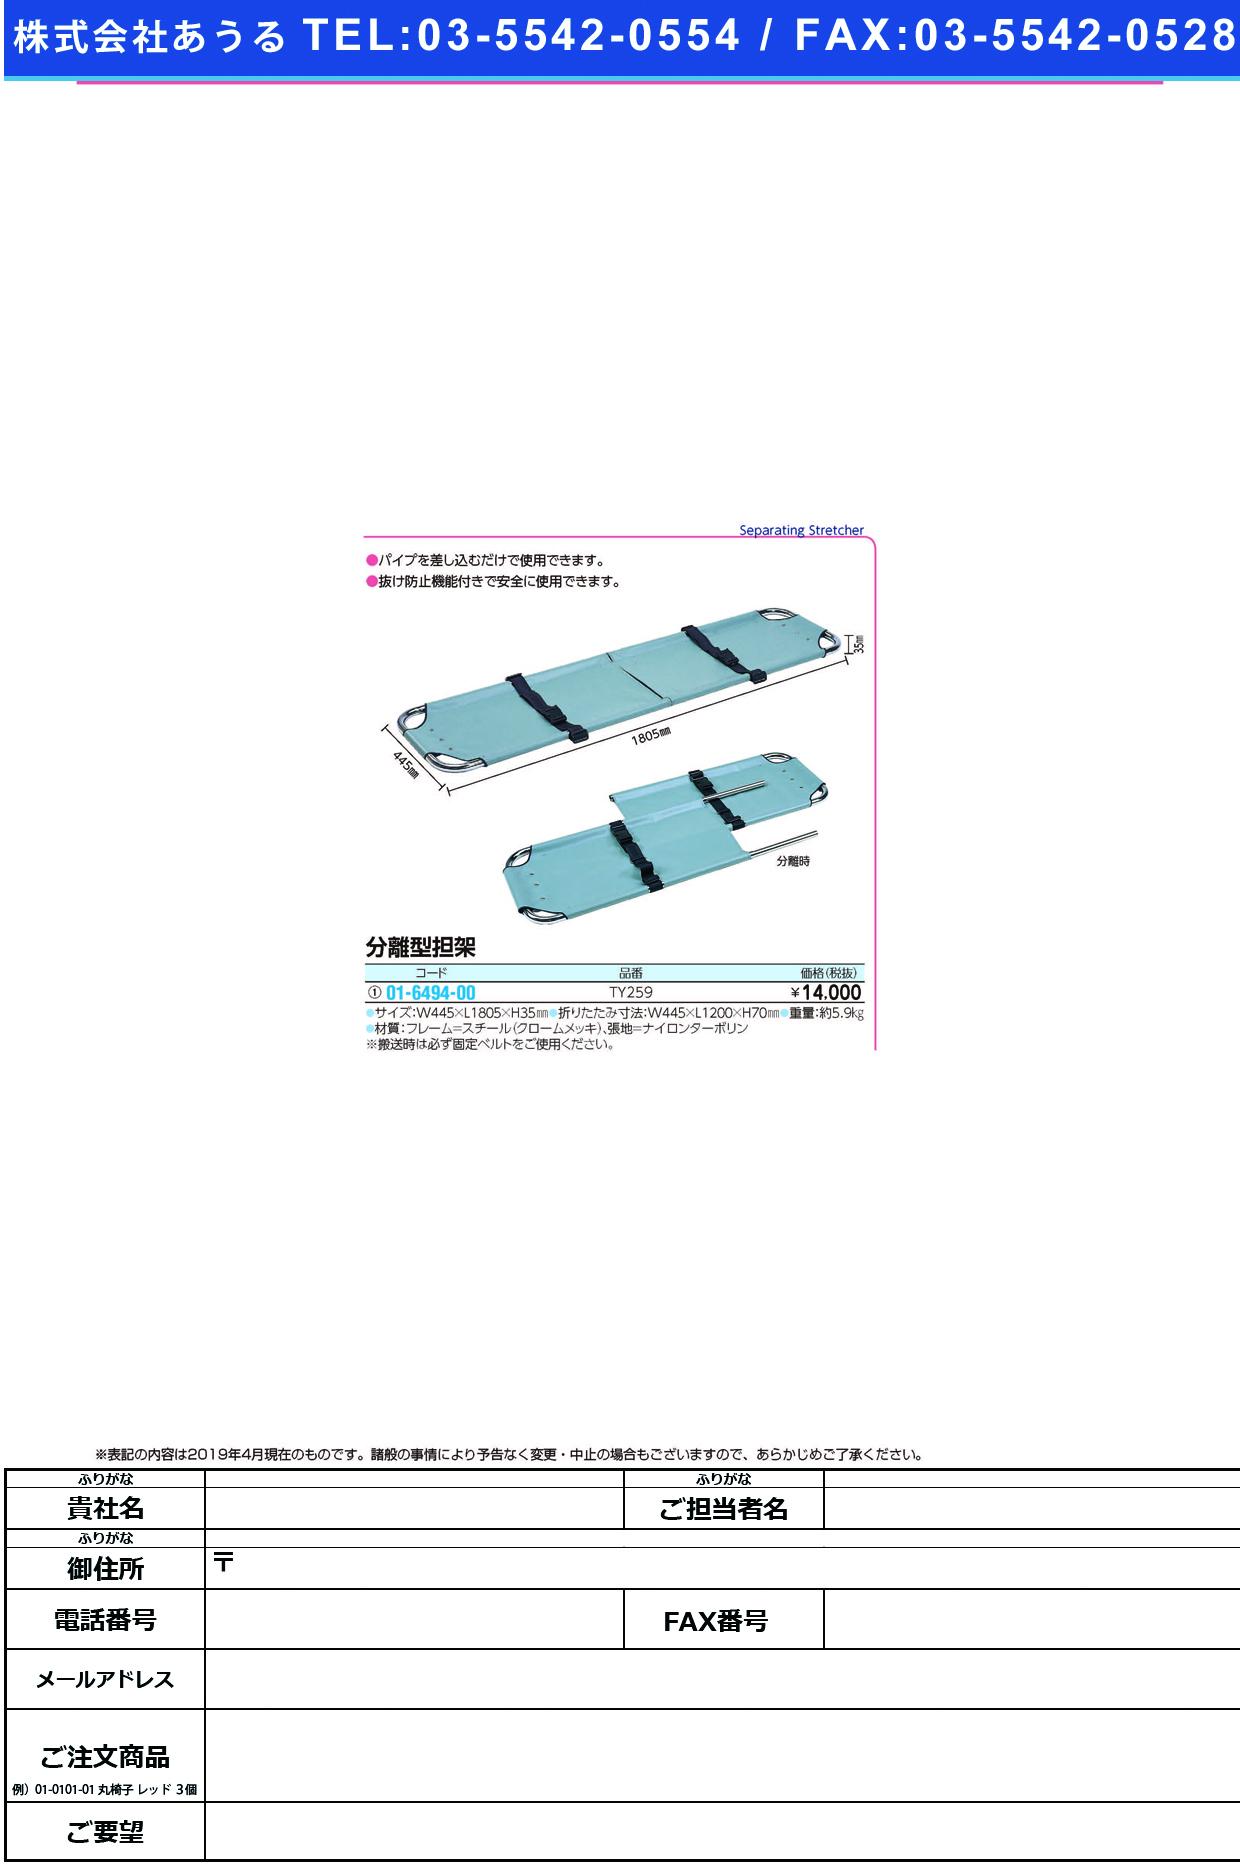 (01-6494-00)分離型担架 TY259 ブンリガタタンカ(日進医療器)【1台単位】【2019年カタログ商品】